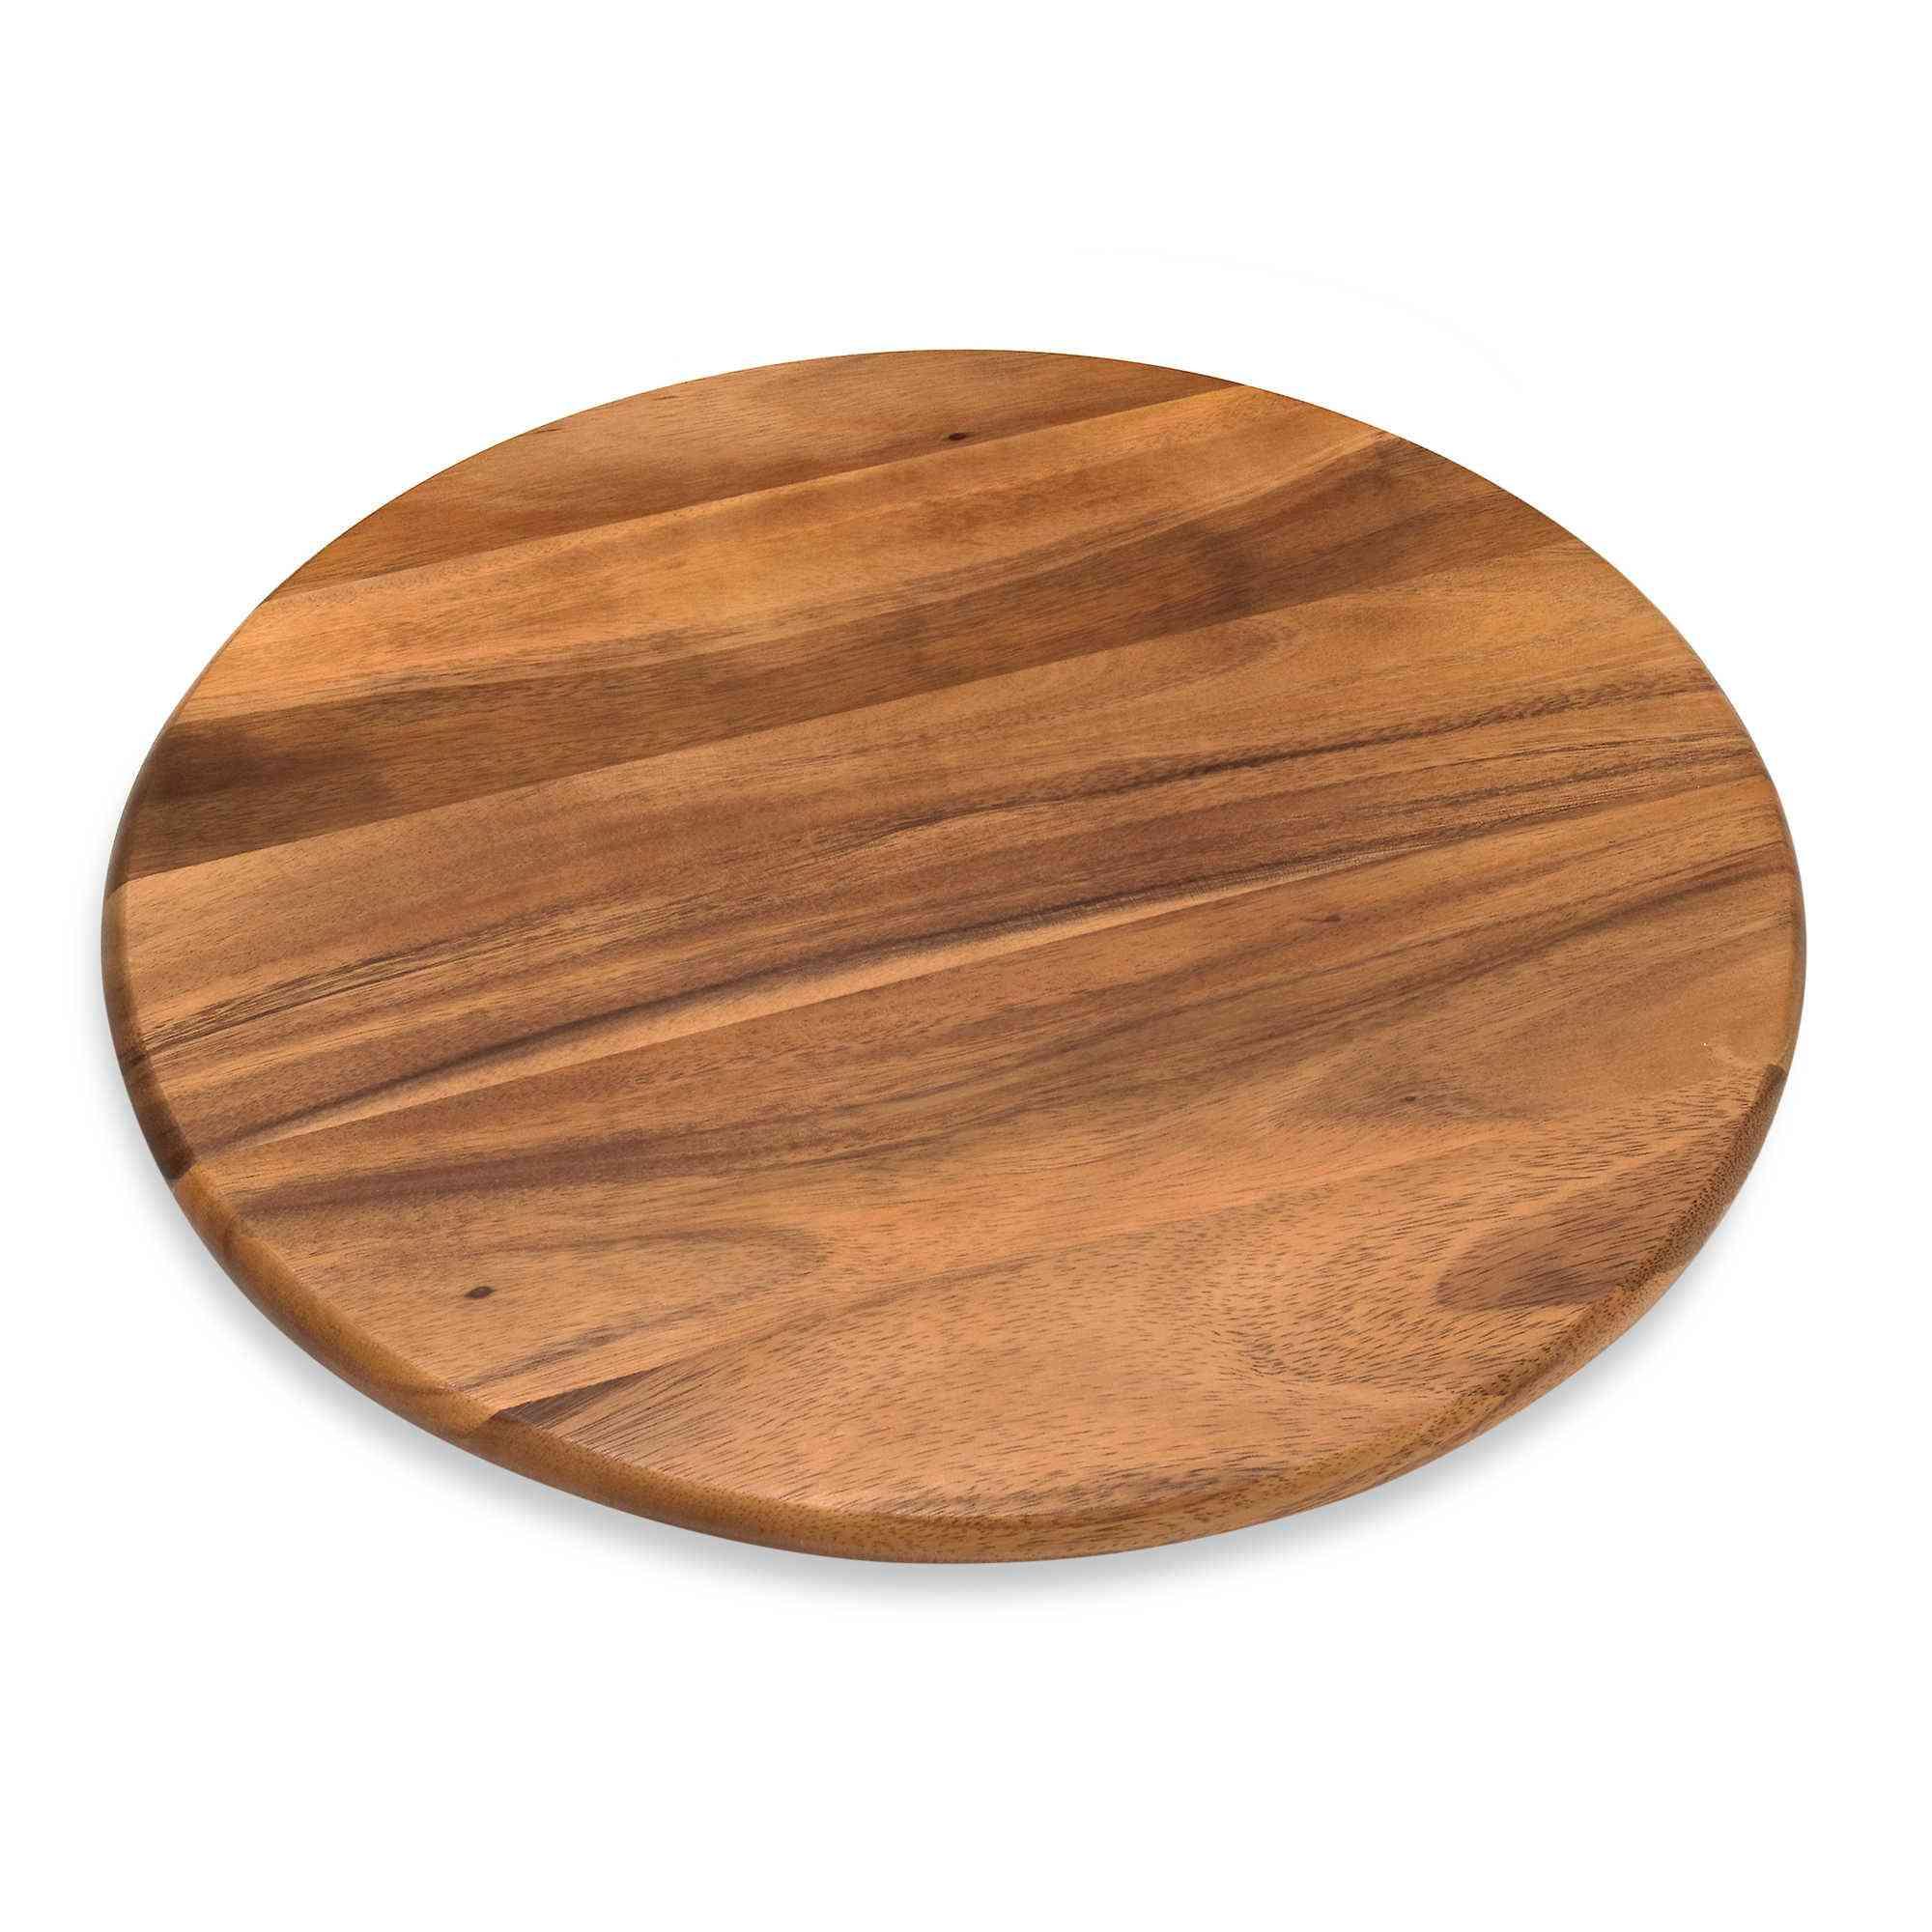 Lipper International 18-Inch Acacia Wood Lazy Susan